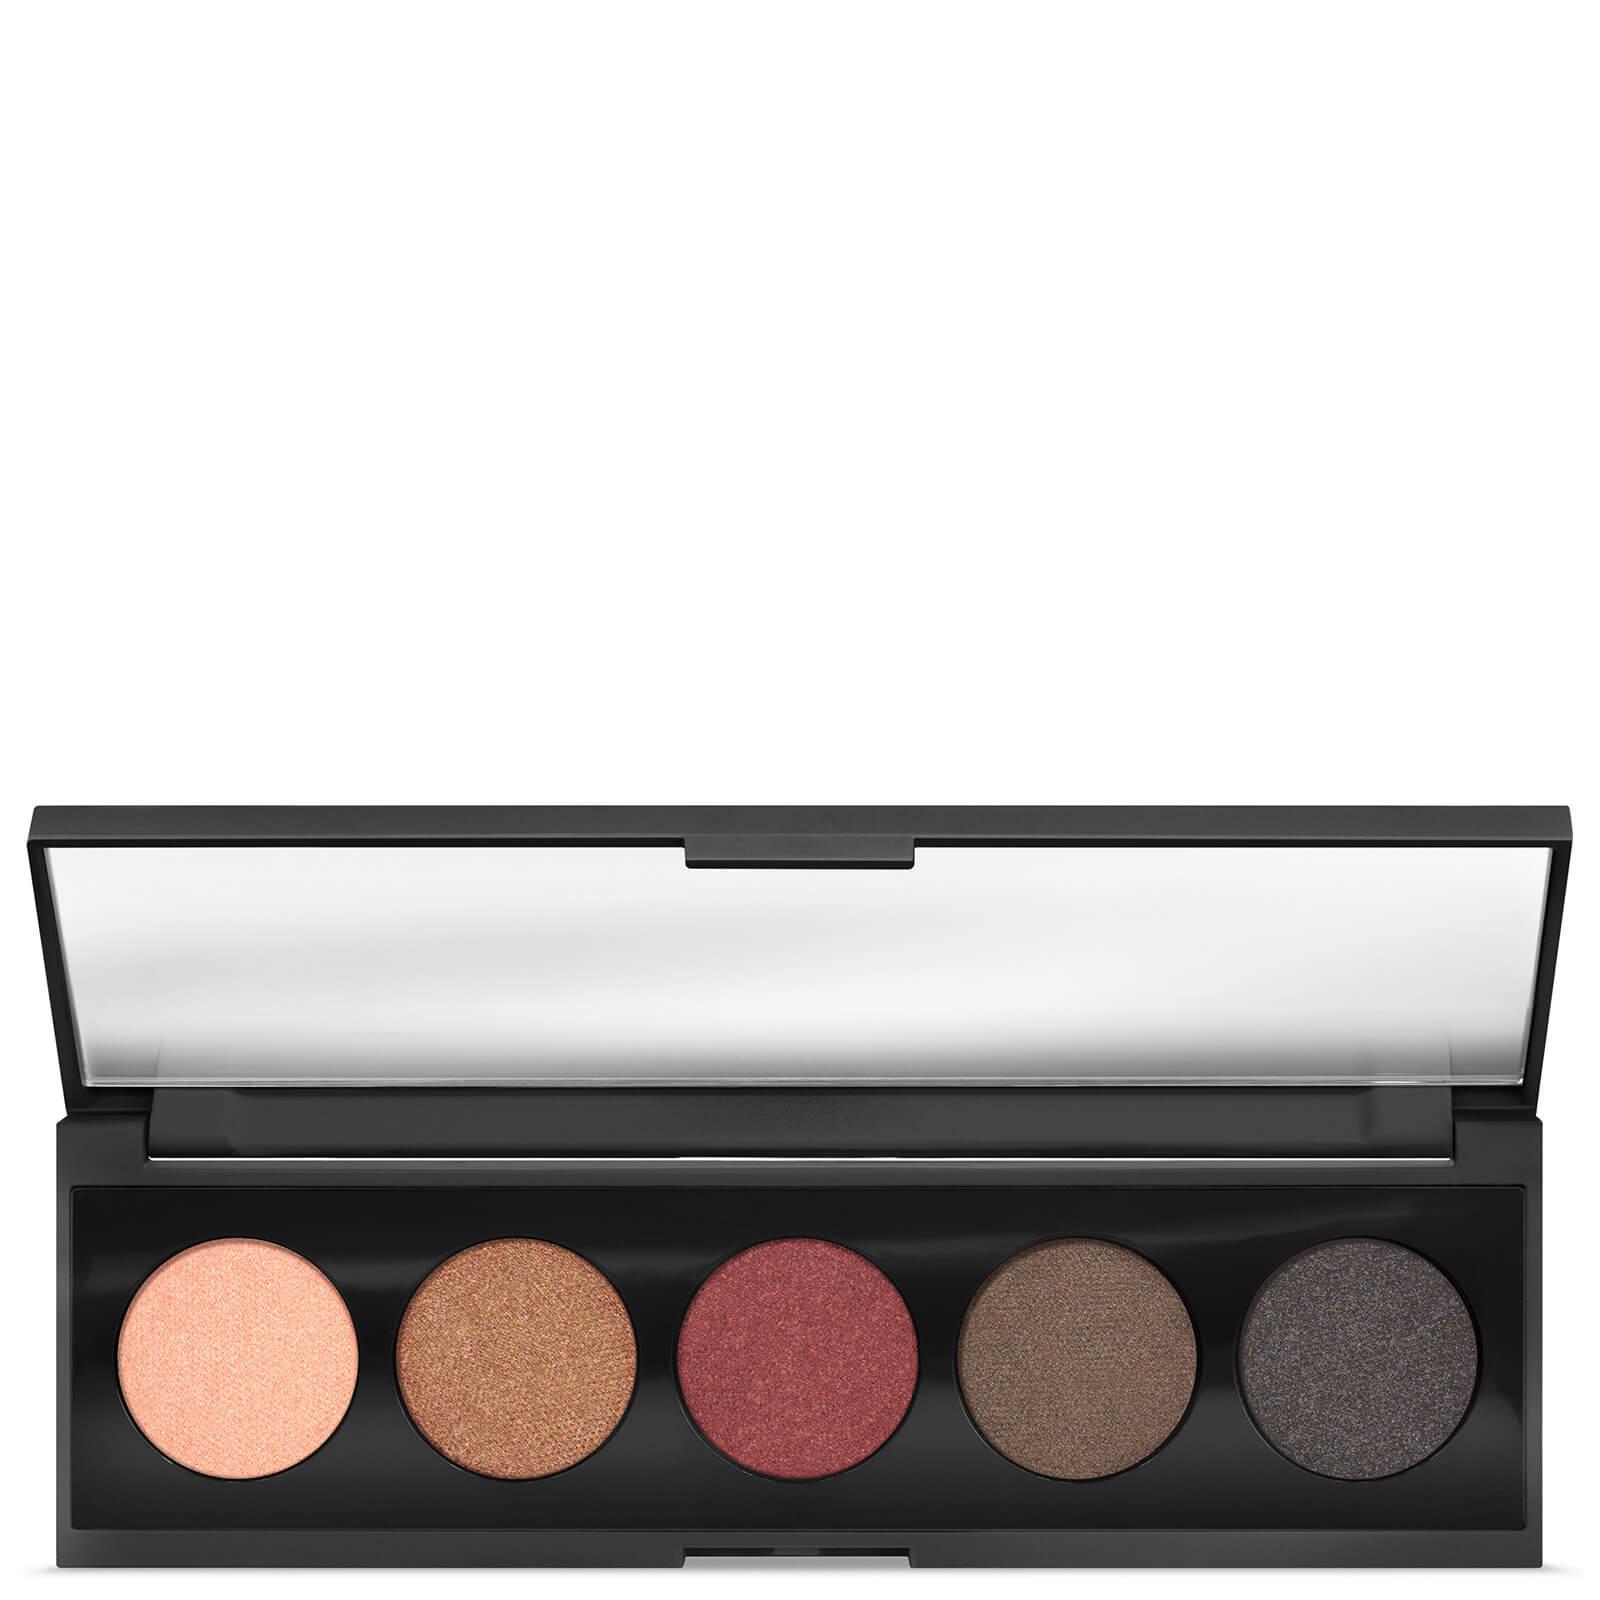 Bareminerals-Bounce & Blur Eyeshadow Palette - Dusk